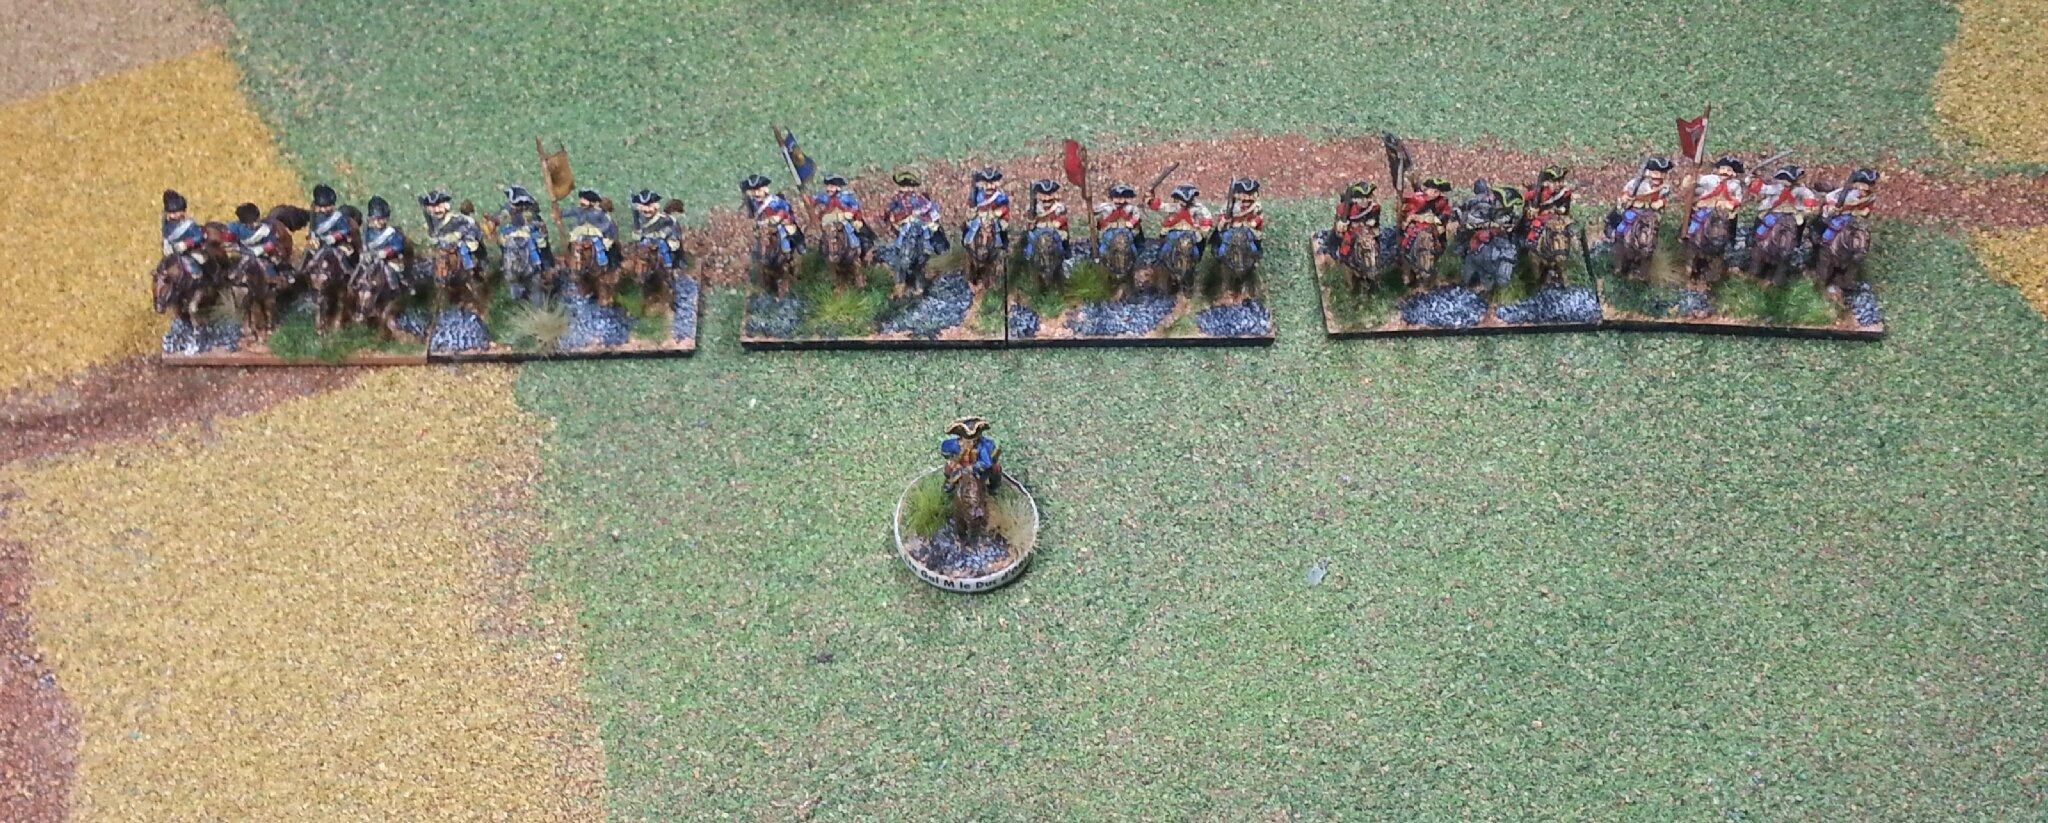 Division duc orleans 2